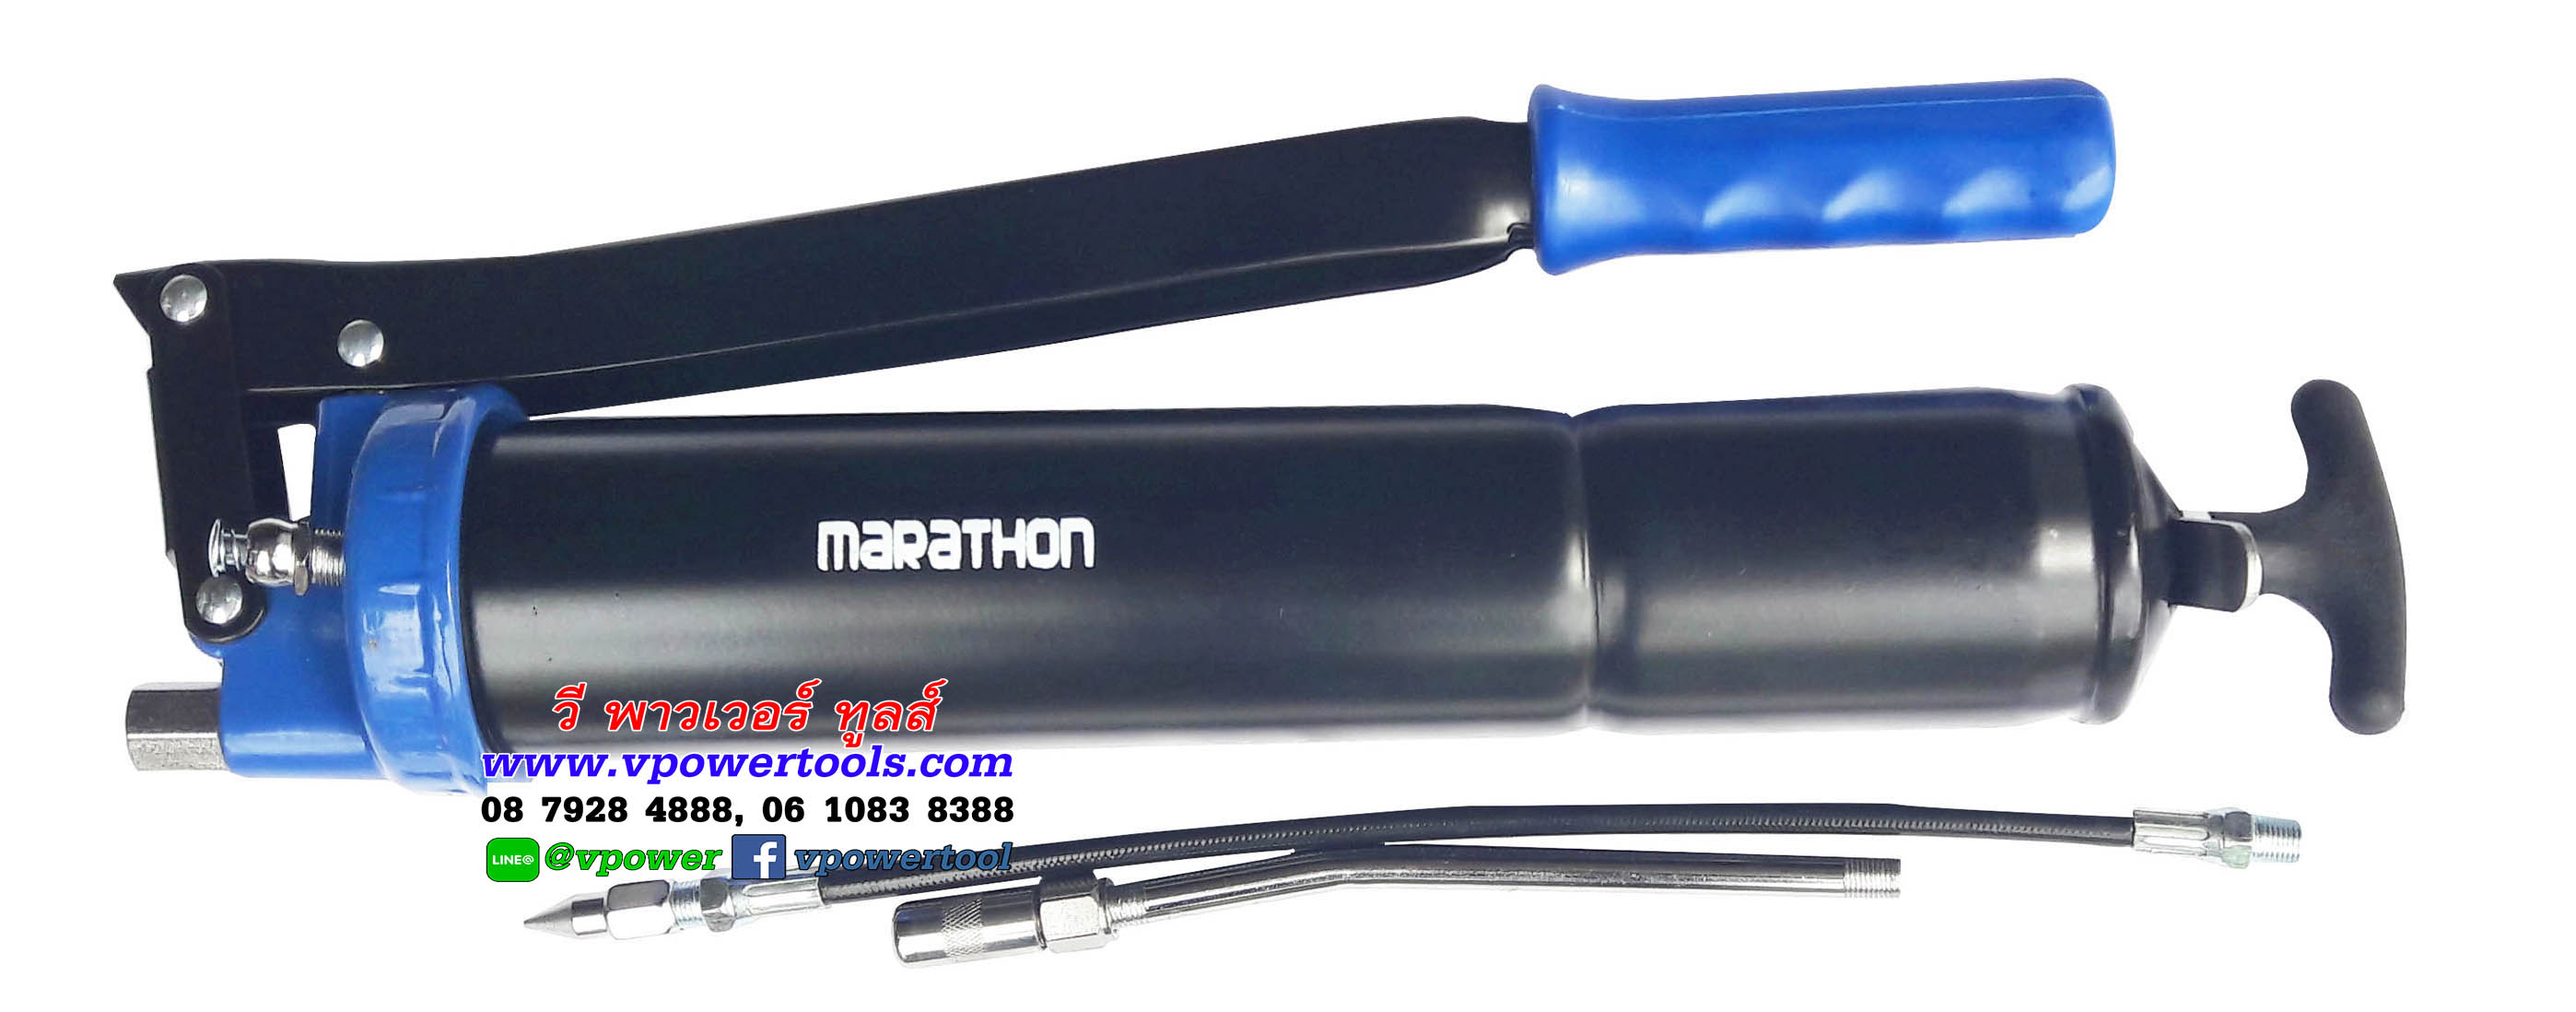 MARATHON กระบอกอัดจาราบี ท่อส่งแข็ง-ท่ออ่อน 500cc